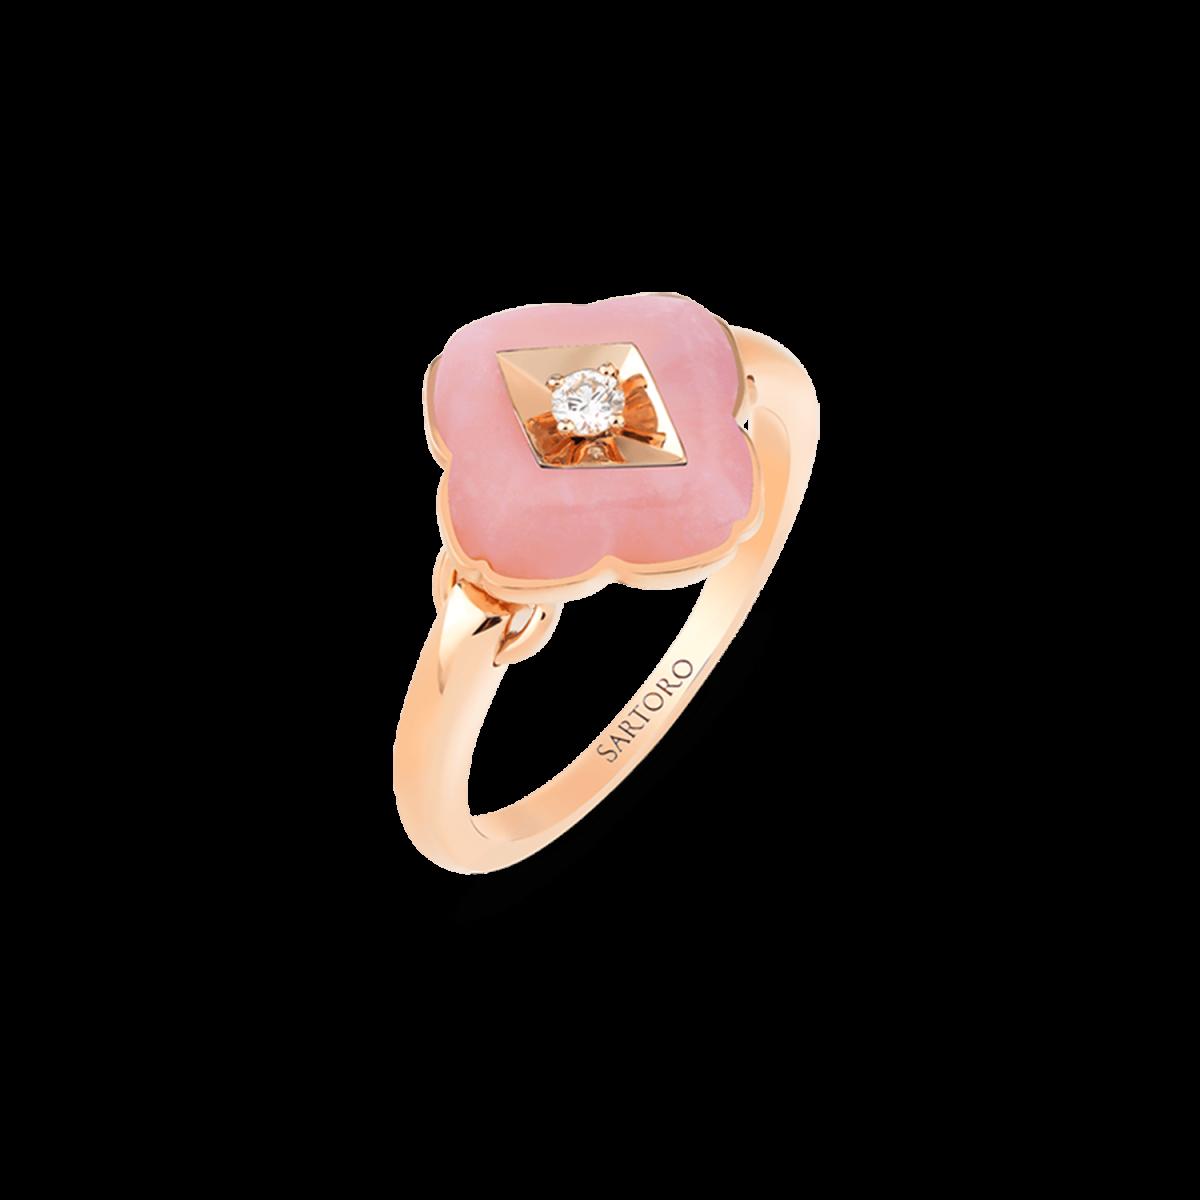 Zeste Iconic Ring